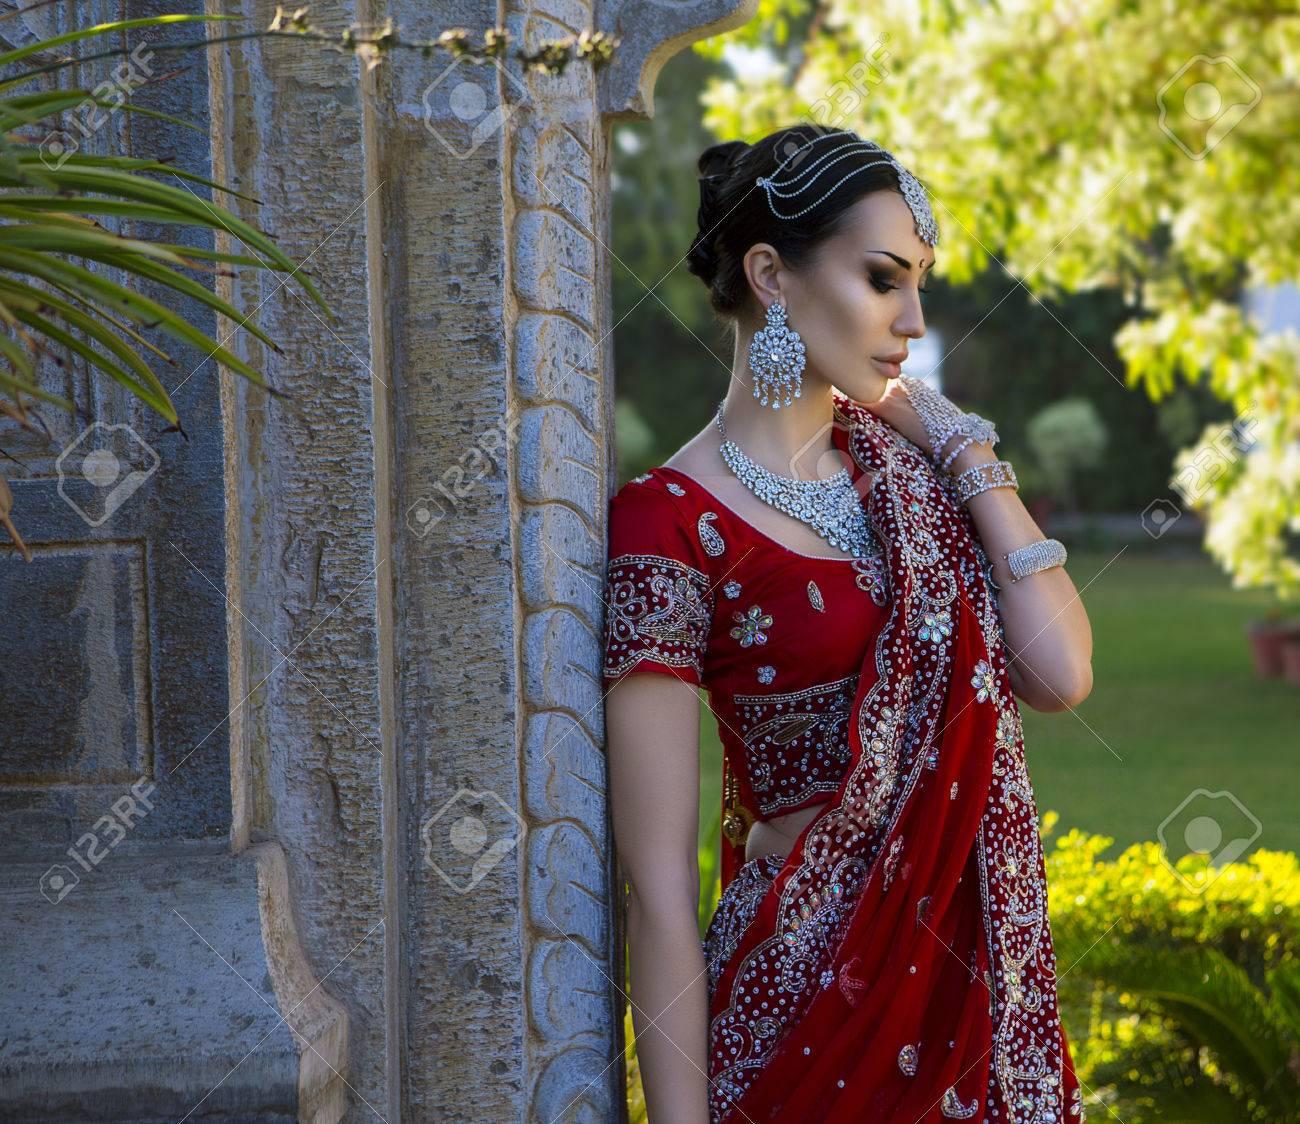 Groß Empfang Sarees Für Indische Hochzeiten Galerie - Brautkleider ...